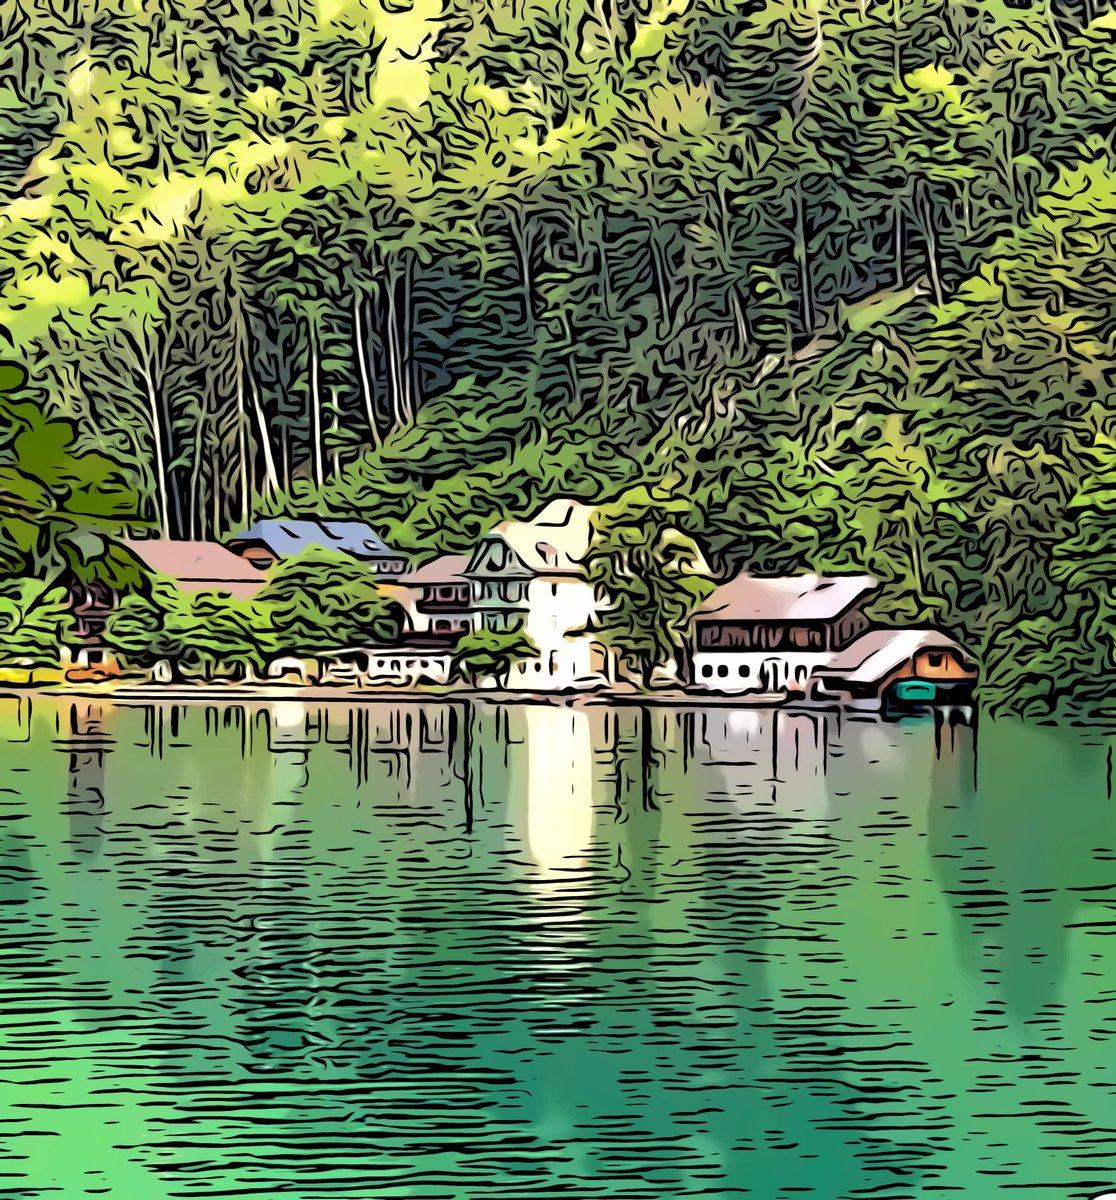 Guten Morgen. Heute: Im wunderschönen Fürberg am Wolfgangsee #einsommerwiedamals #cliffdiving #salzkammergut